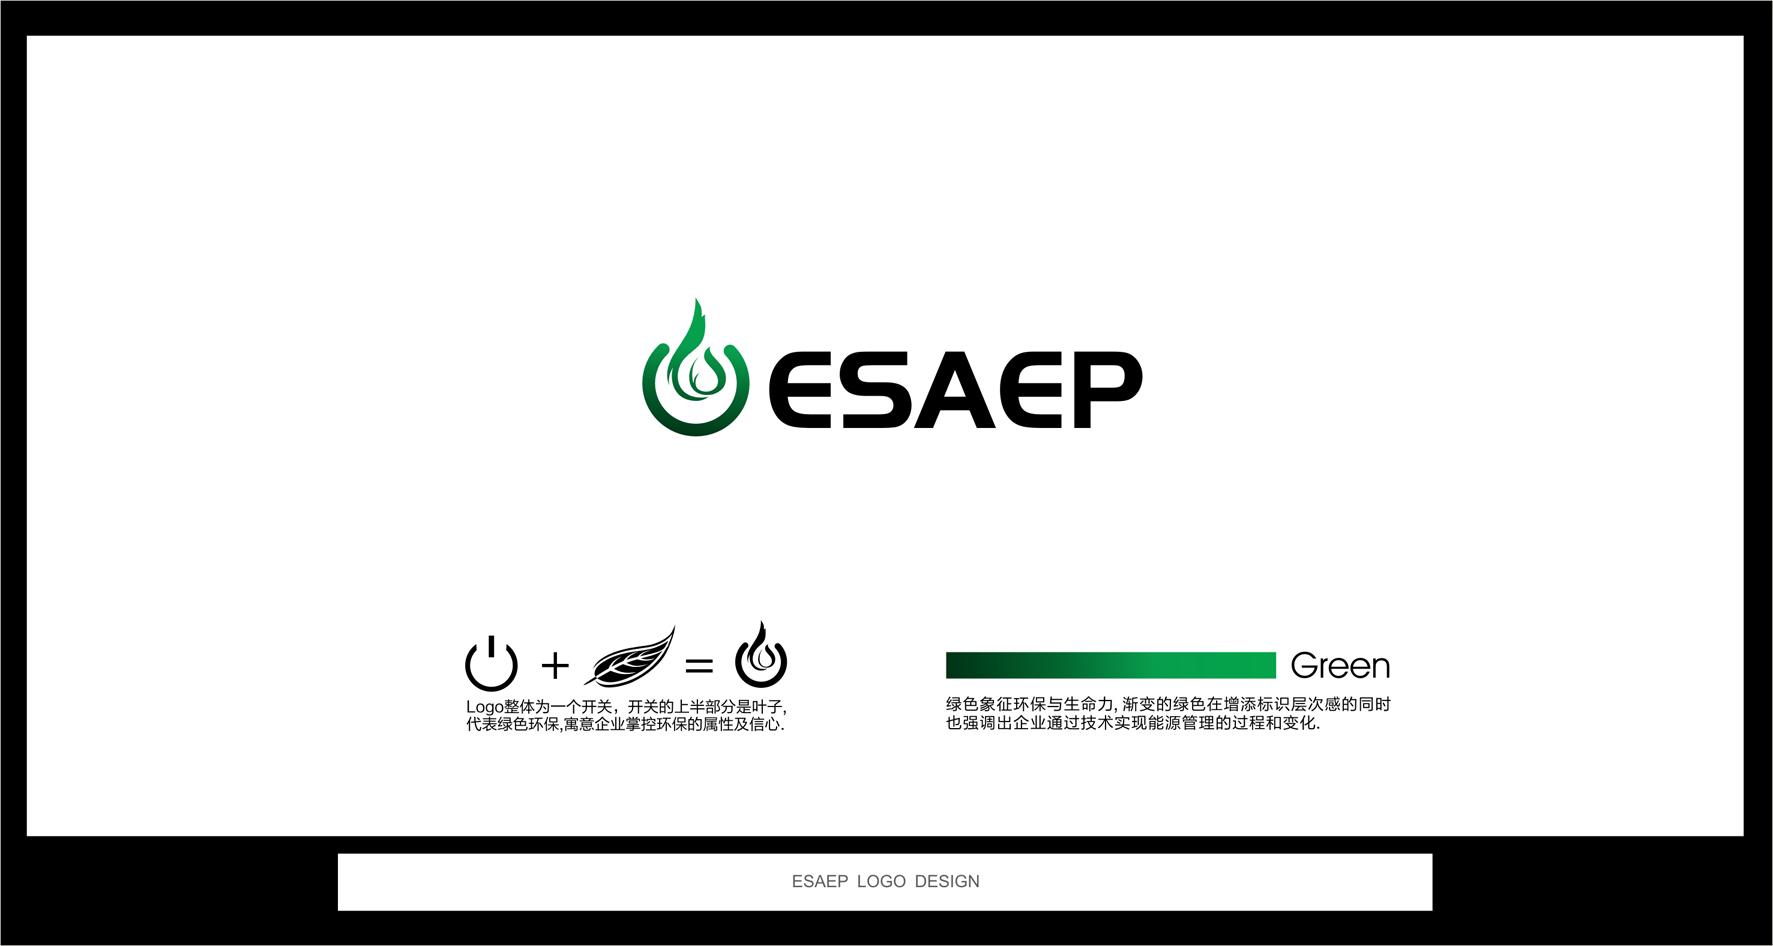 环保节能公司标志及宣传册设计图片